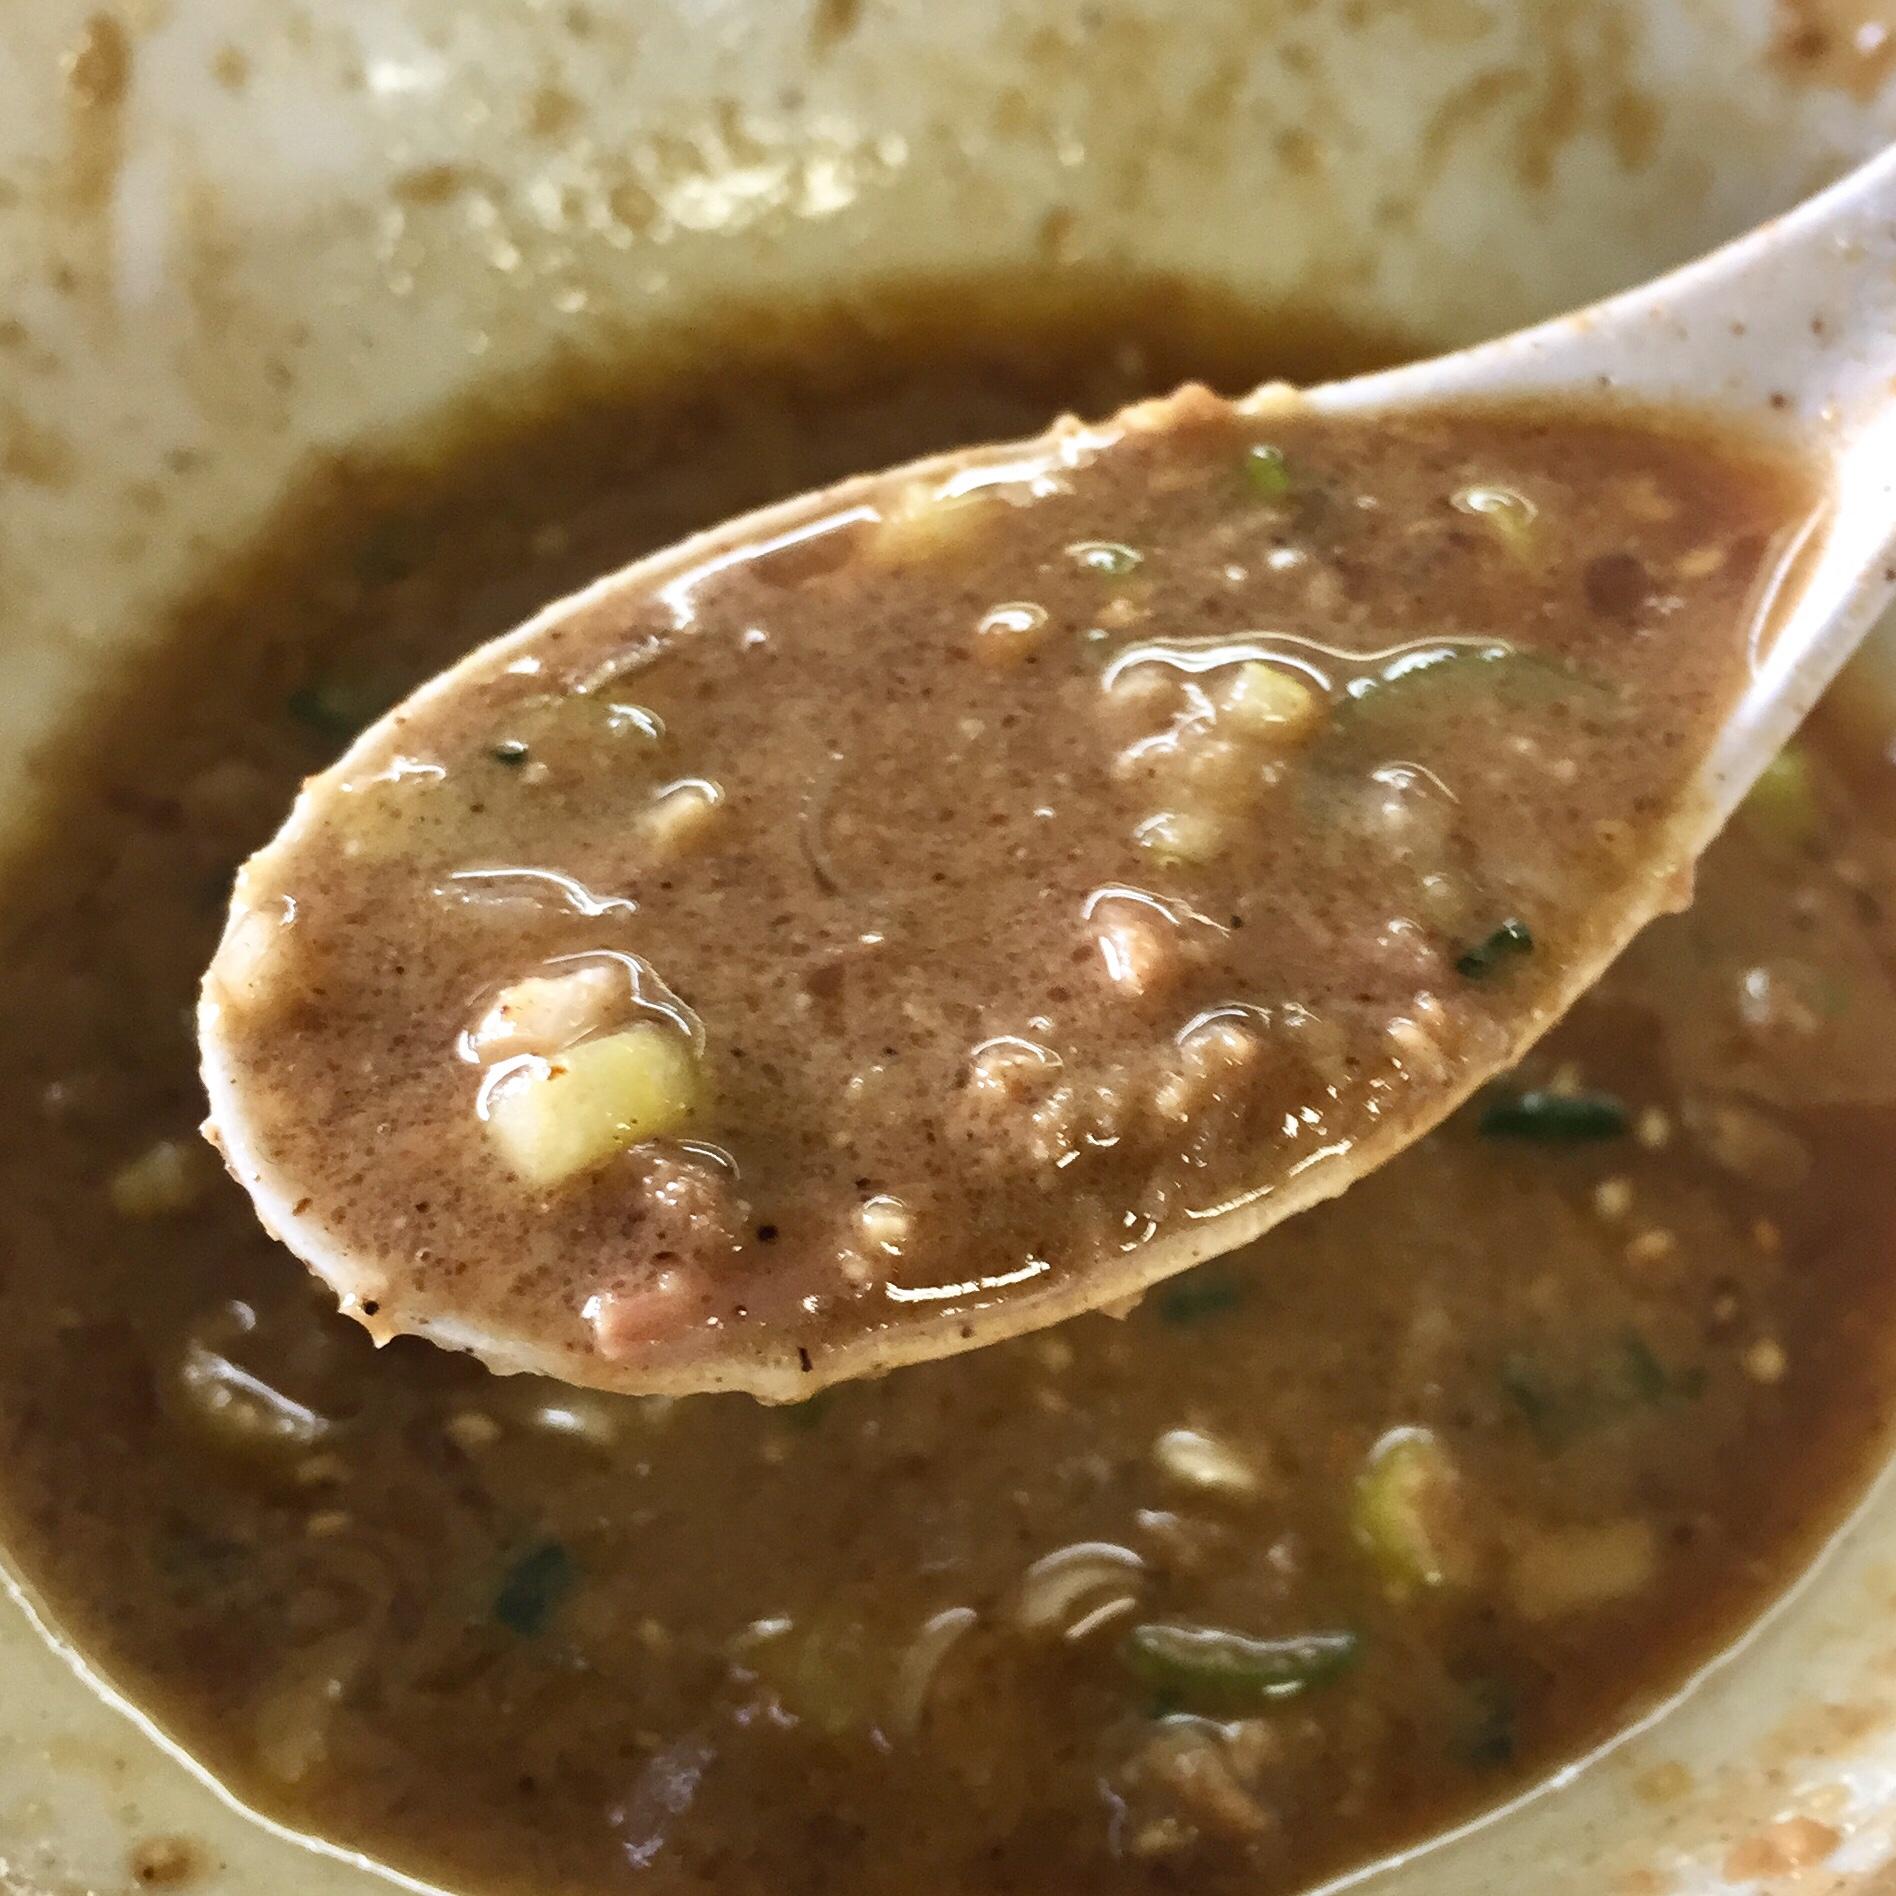 らーめん萬亀 汁なし坦々つけめん 味噌 つけ汁濃厚 スープ